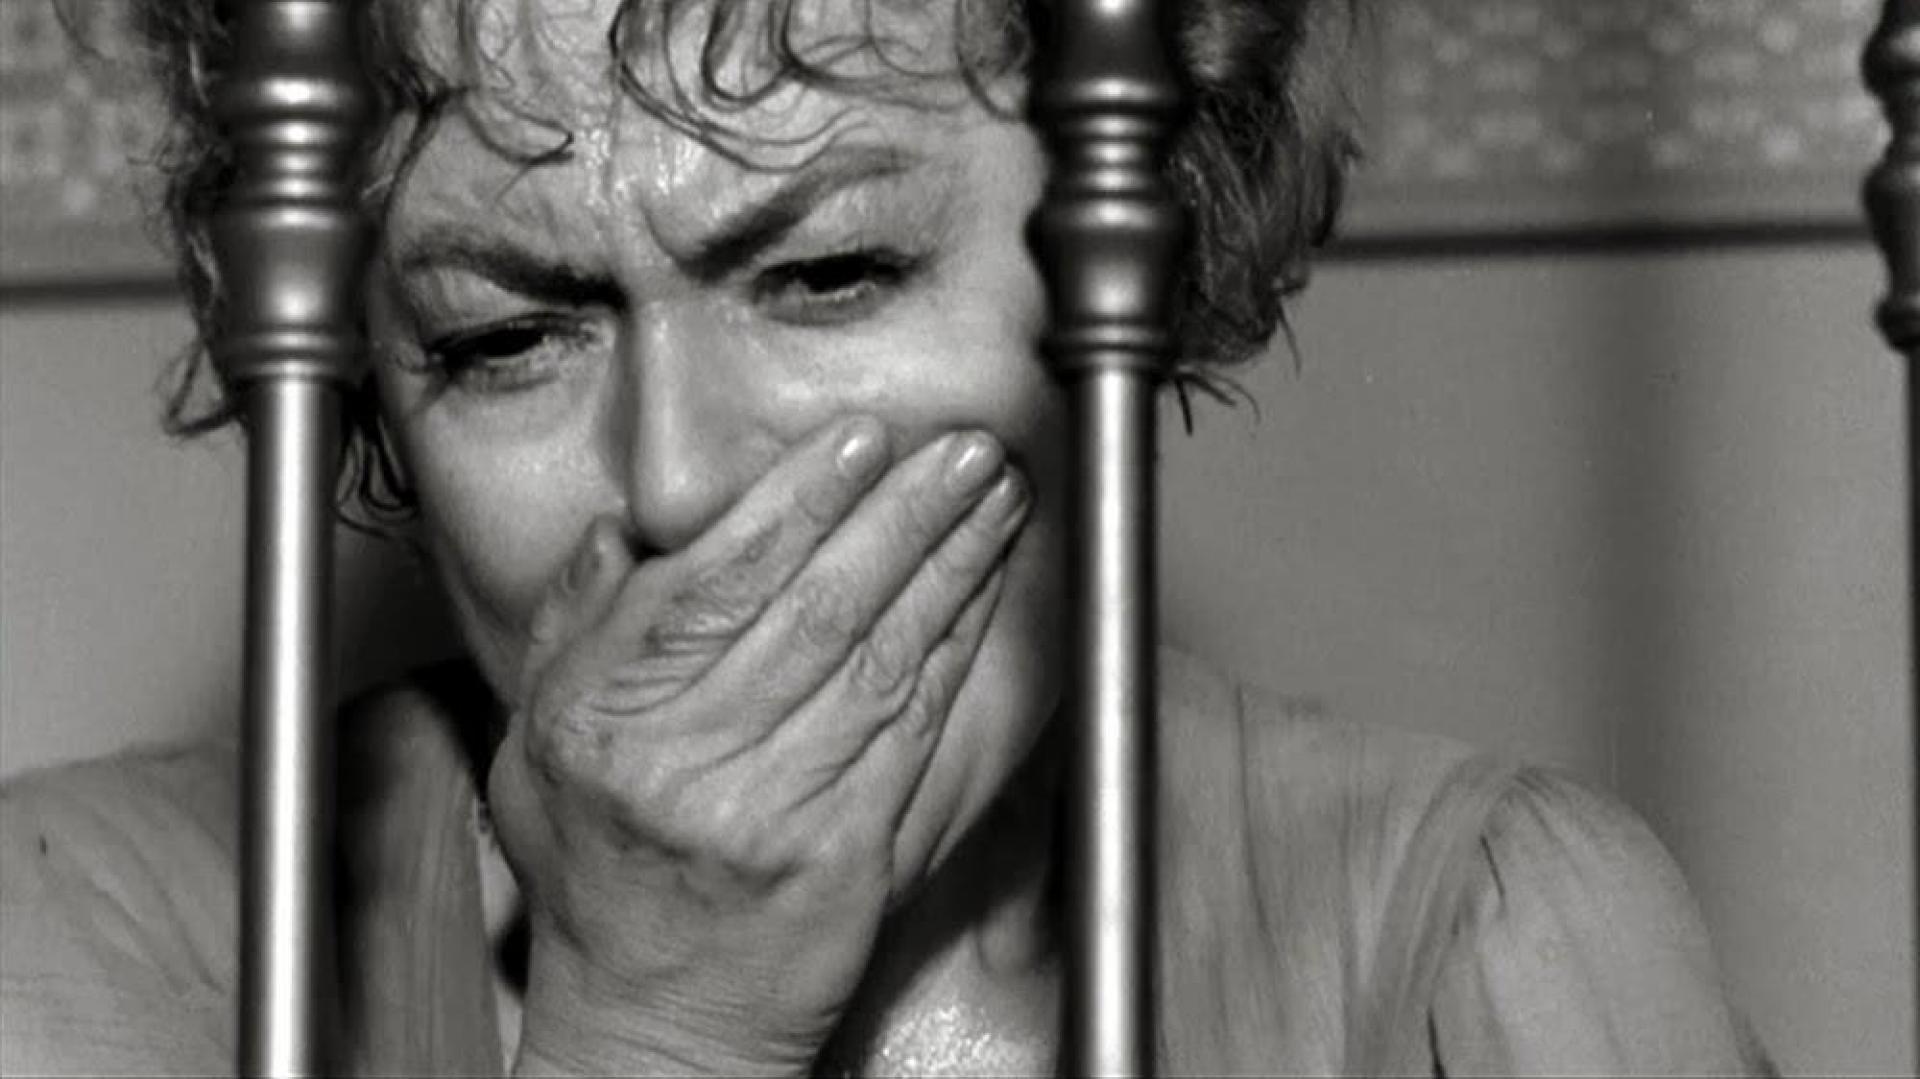 Lady in a Cage - Nő csapdában (1964) 1. kép